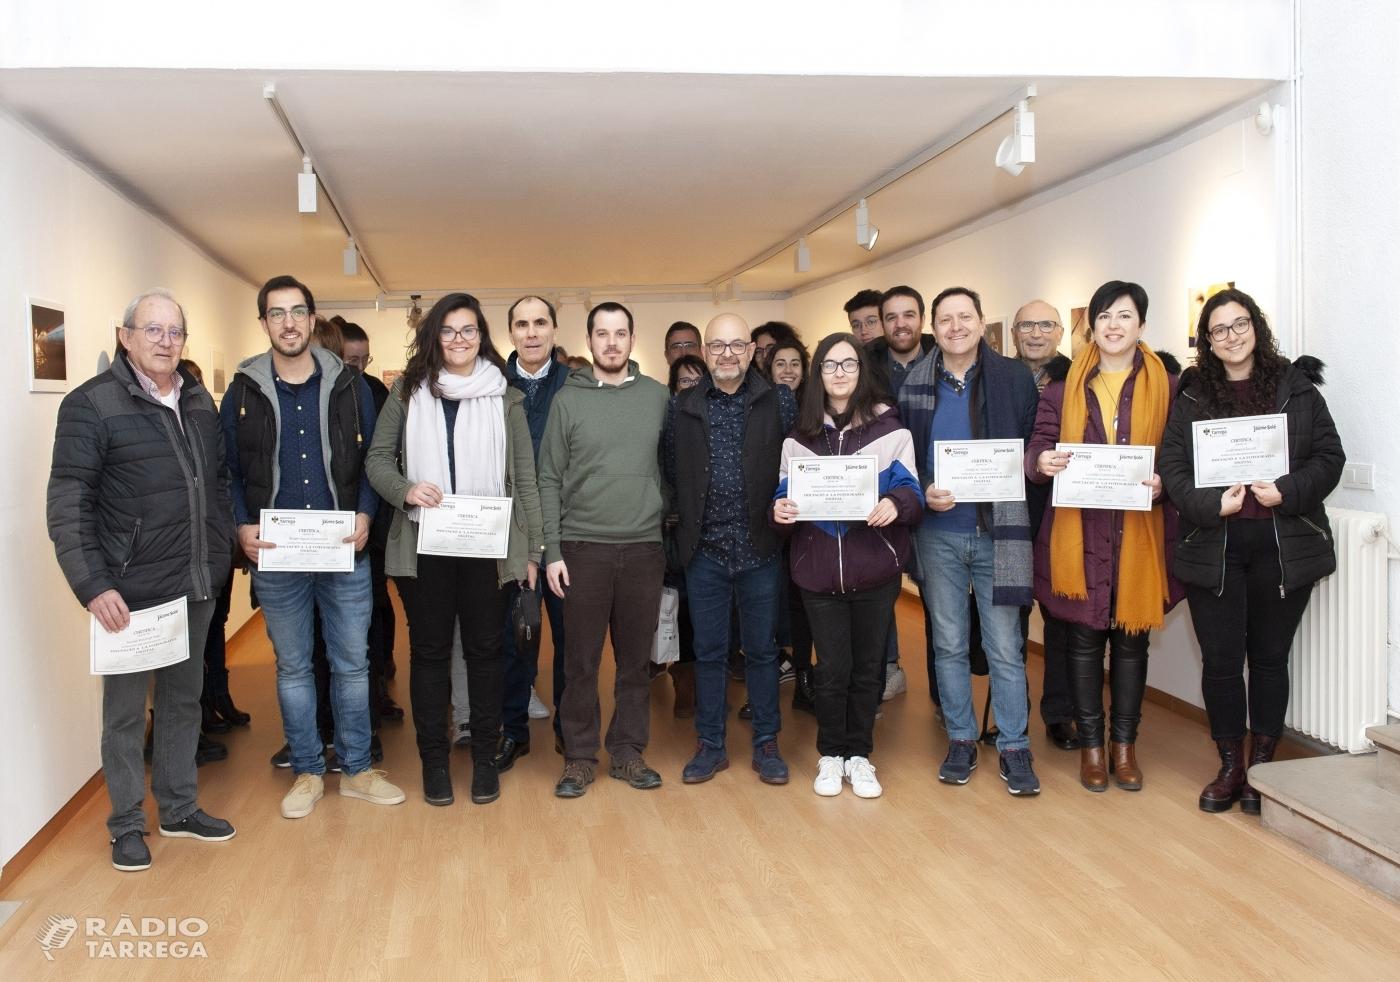 La Sala Marsà de Tàrrega exhibeix els treballs del curs de fotografia impartit per Jaume Solé